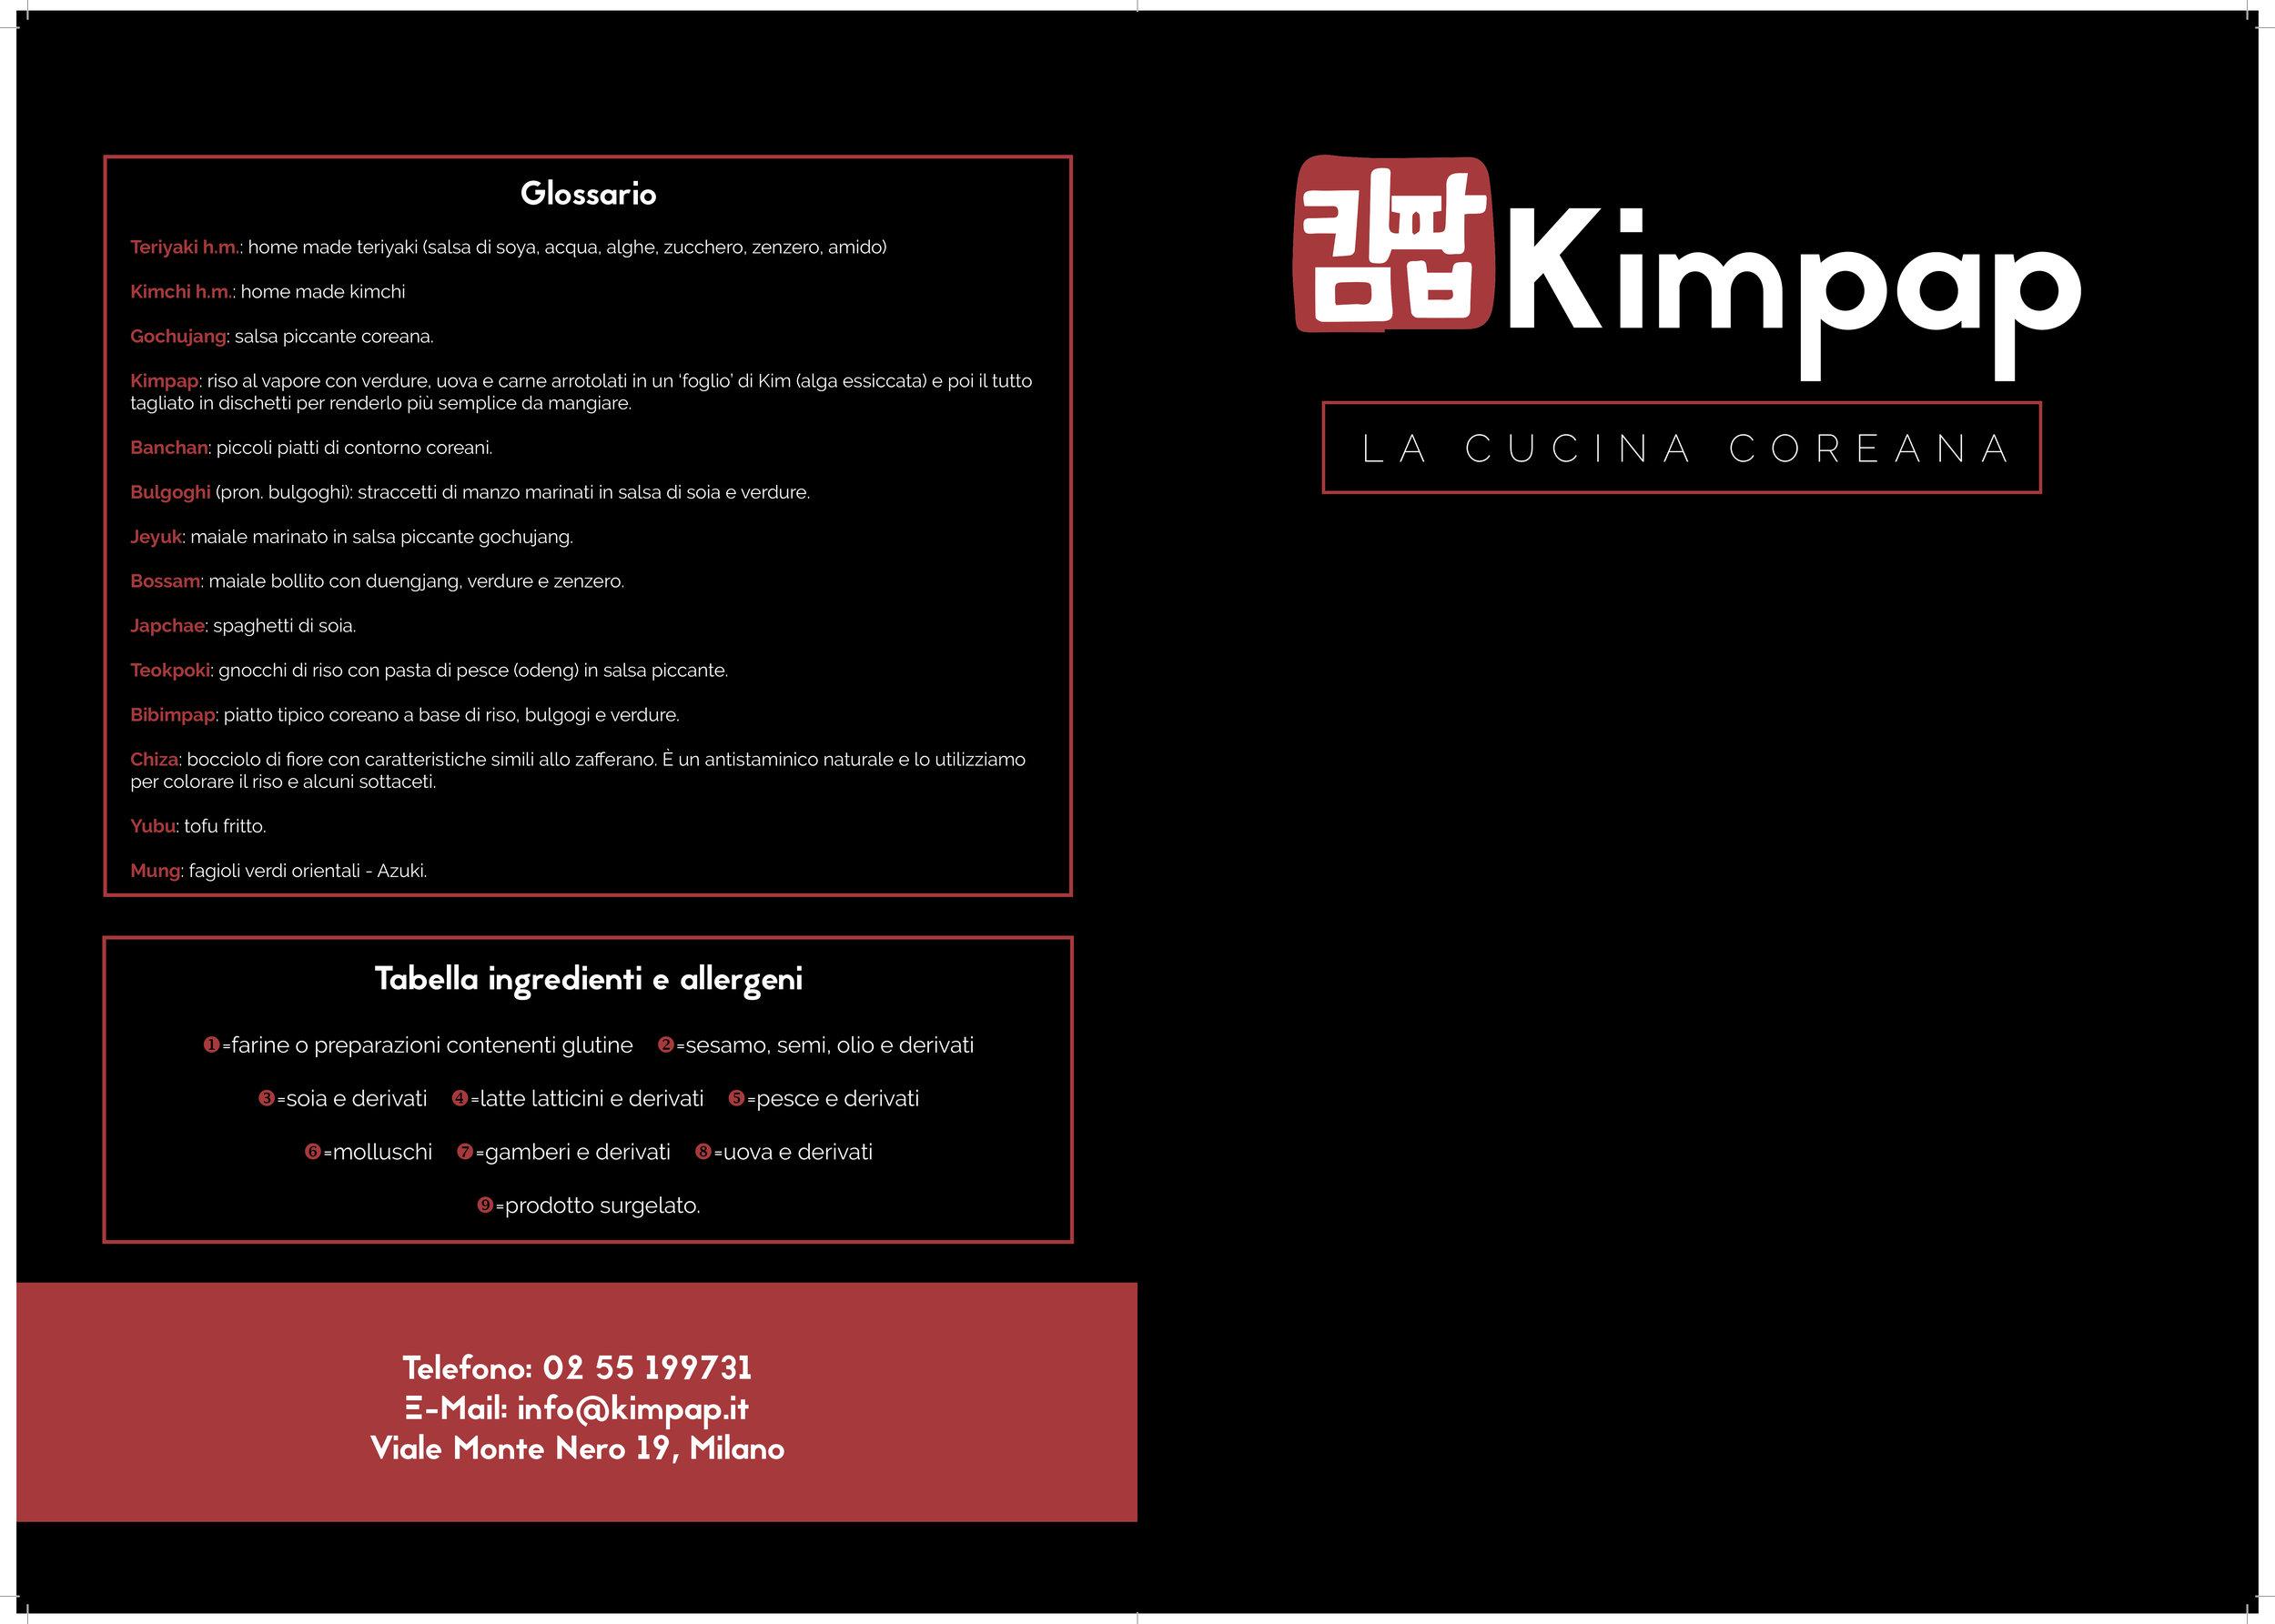 menu ristorante coreano